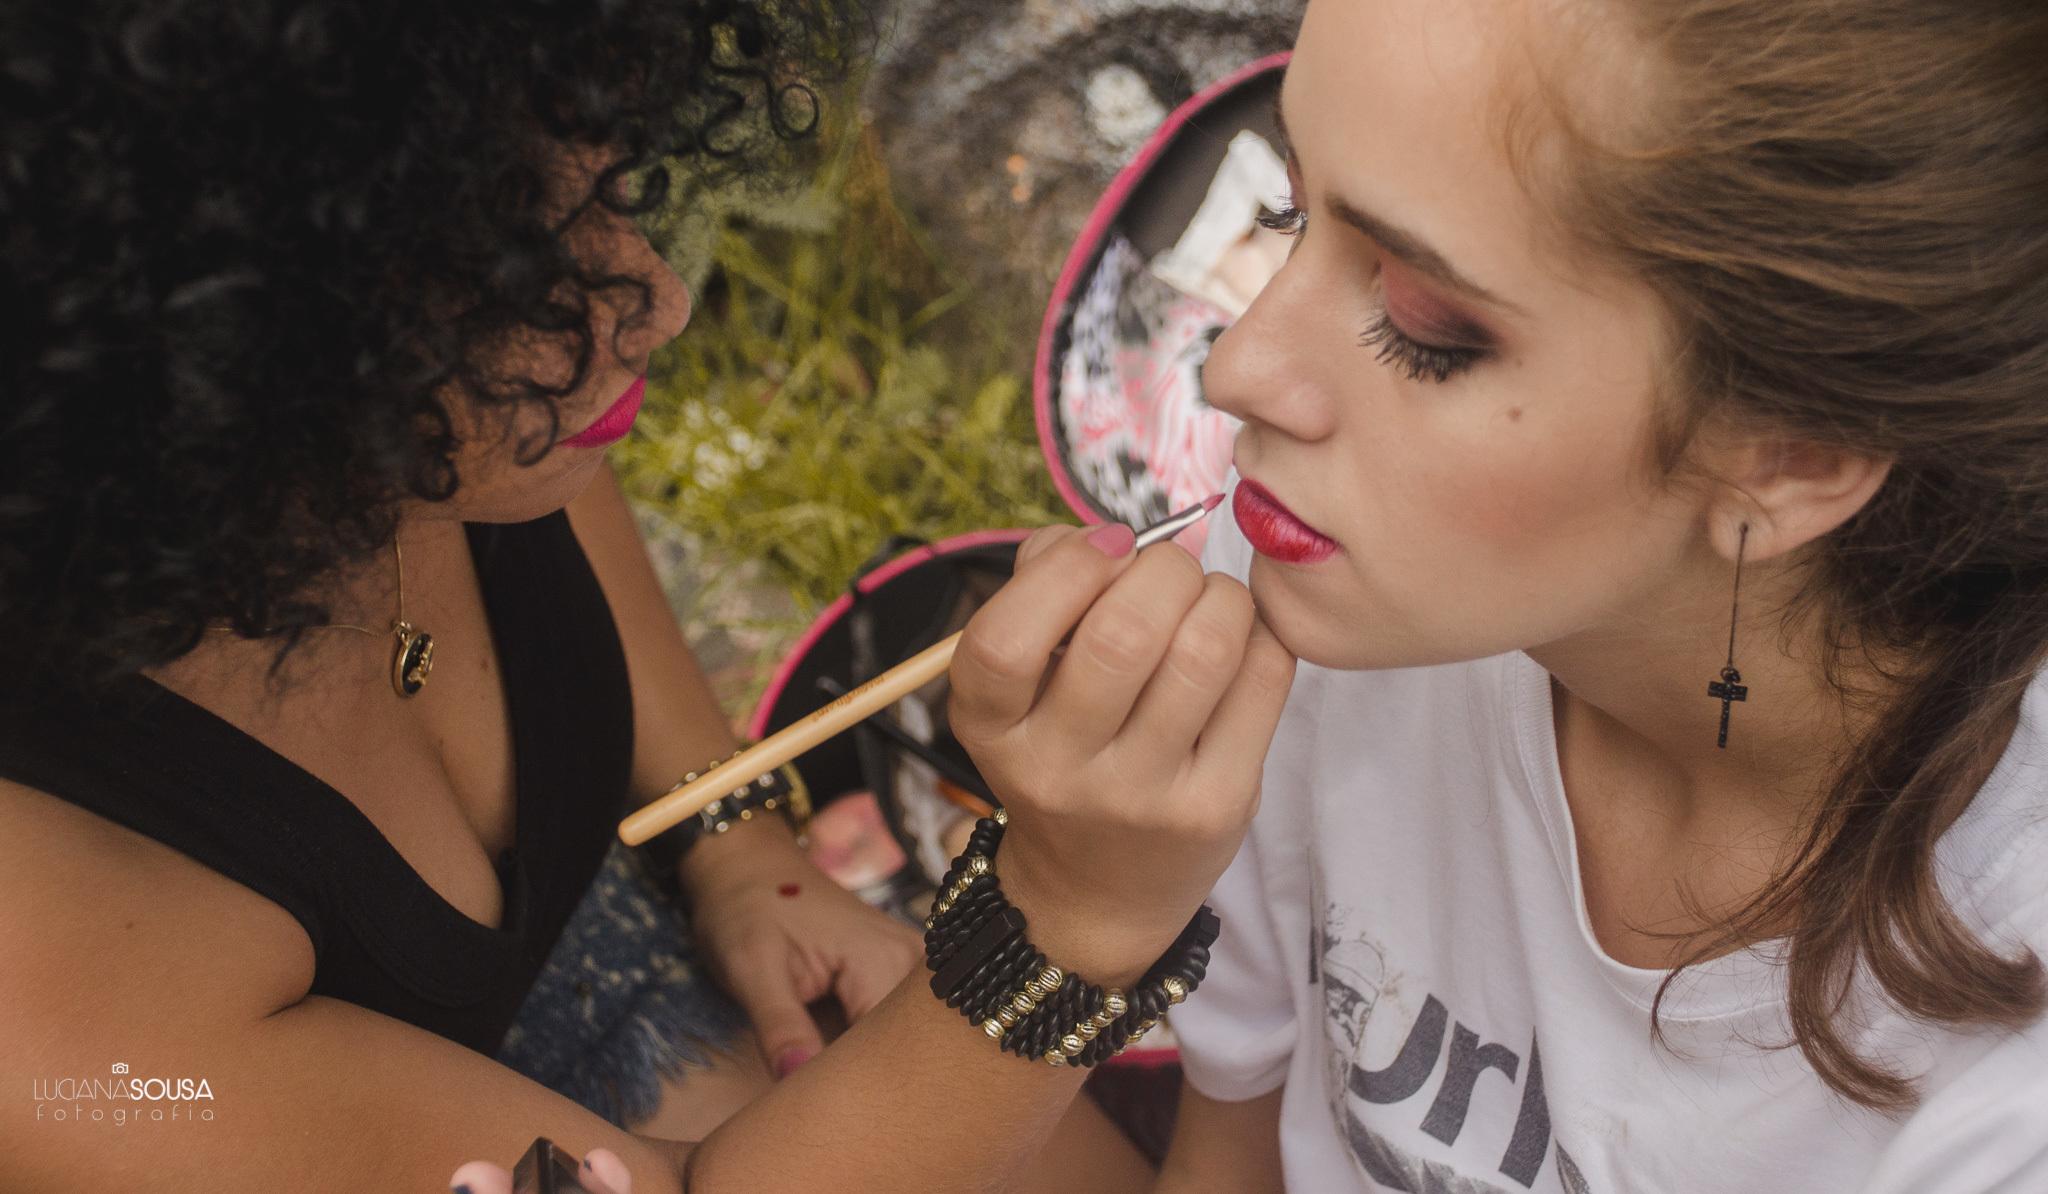 Maquiagem urbana, feita nas ruas de São Paulo #lovemakeup #makeupartist  maquiagem maquiador(a)